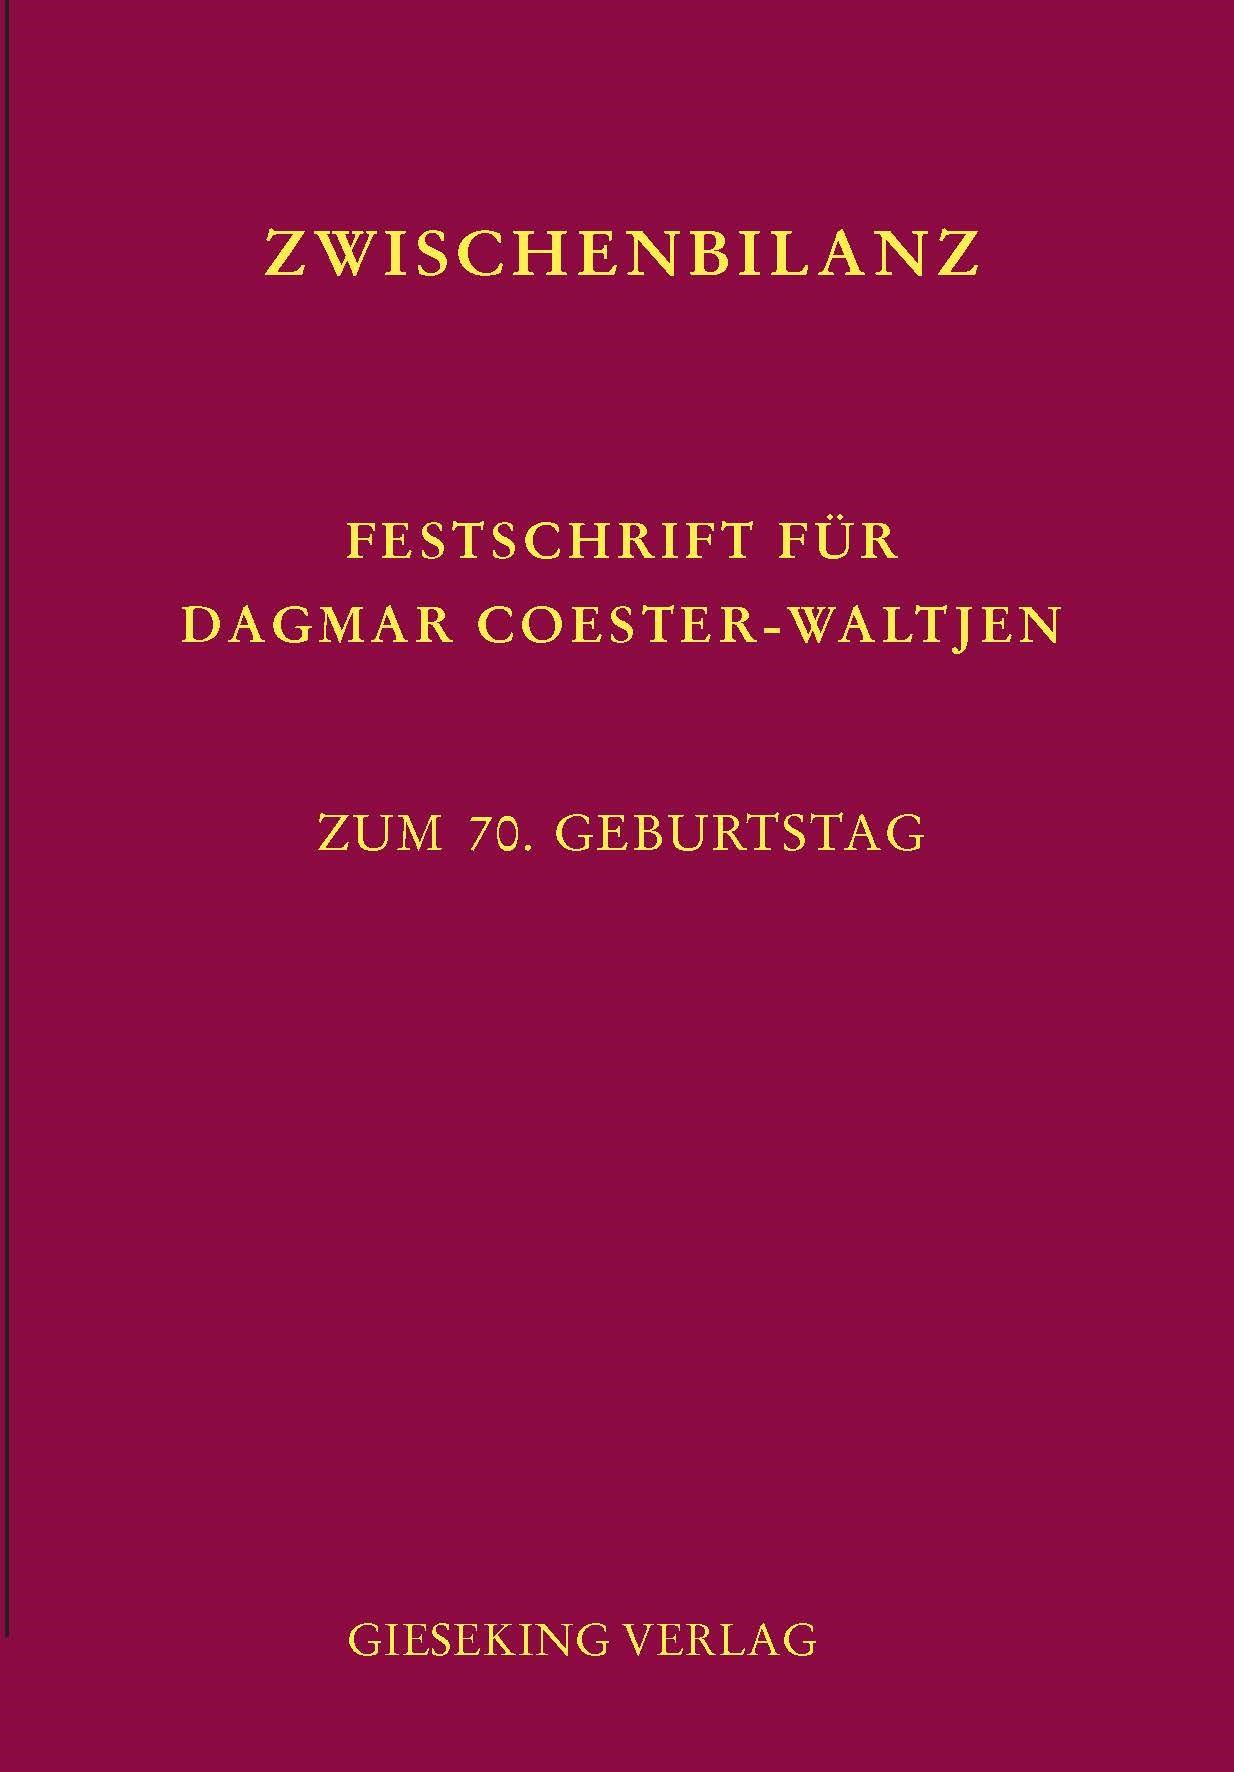 Zwischenbilanz – Festschrift für Dagmar Coester-Waltjen zum 70. Geburtstag | Hilbig-Lugani / Jakob / Mäsch / Reuß / Schmid (Hrsg.), 2015 | Buch (Cover)